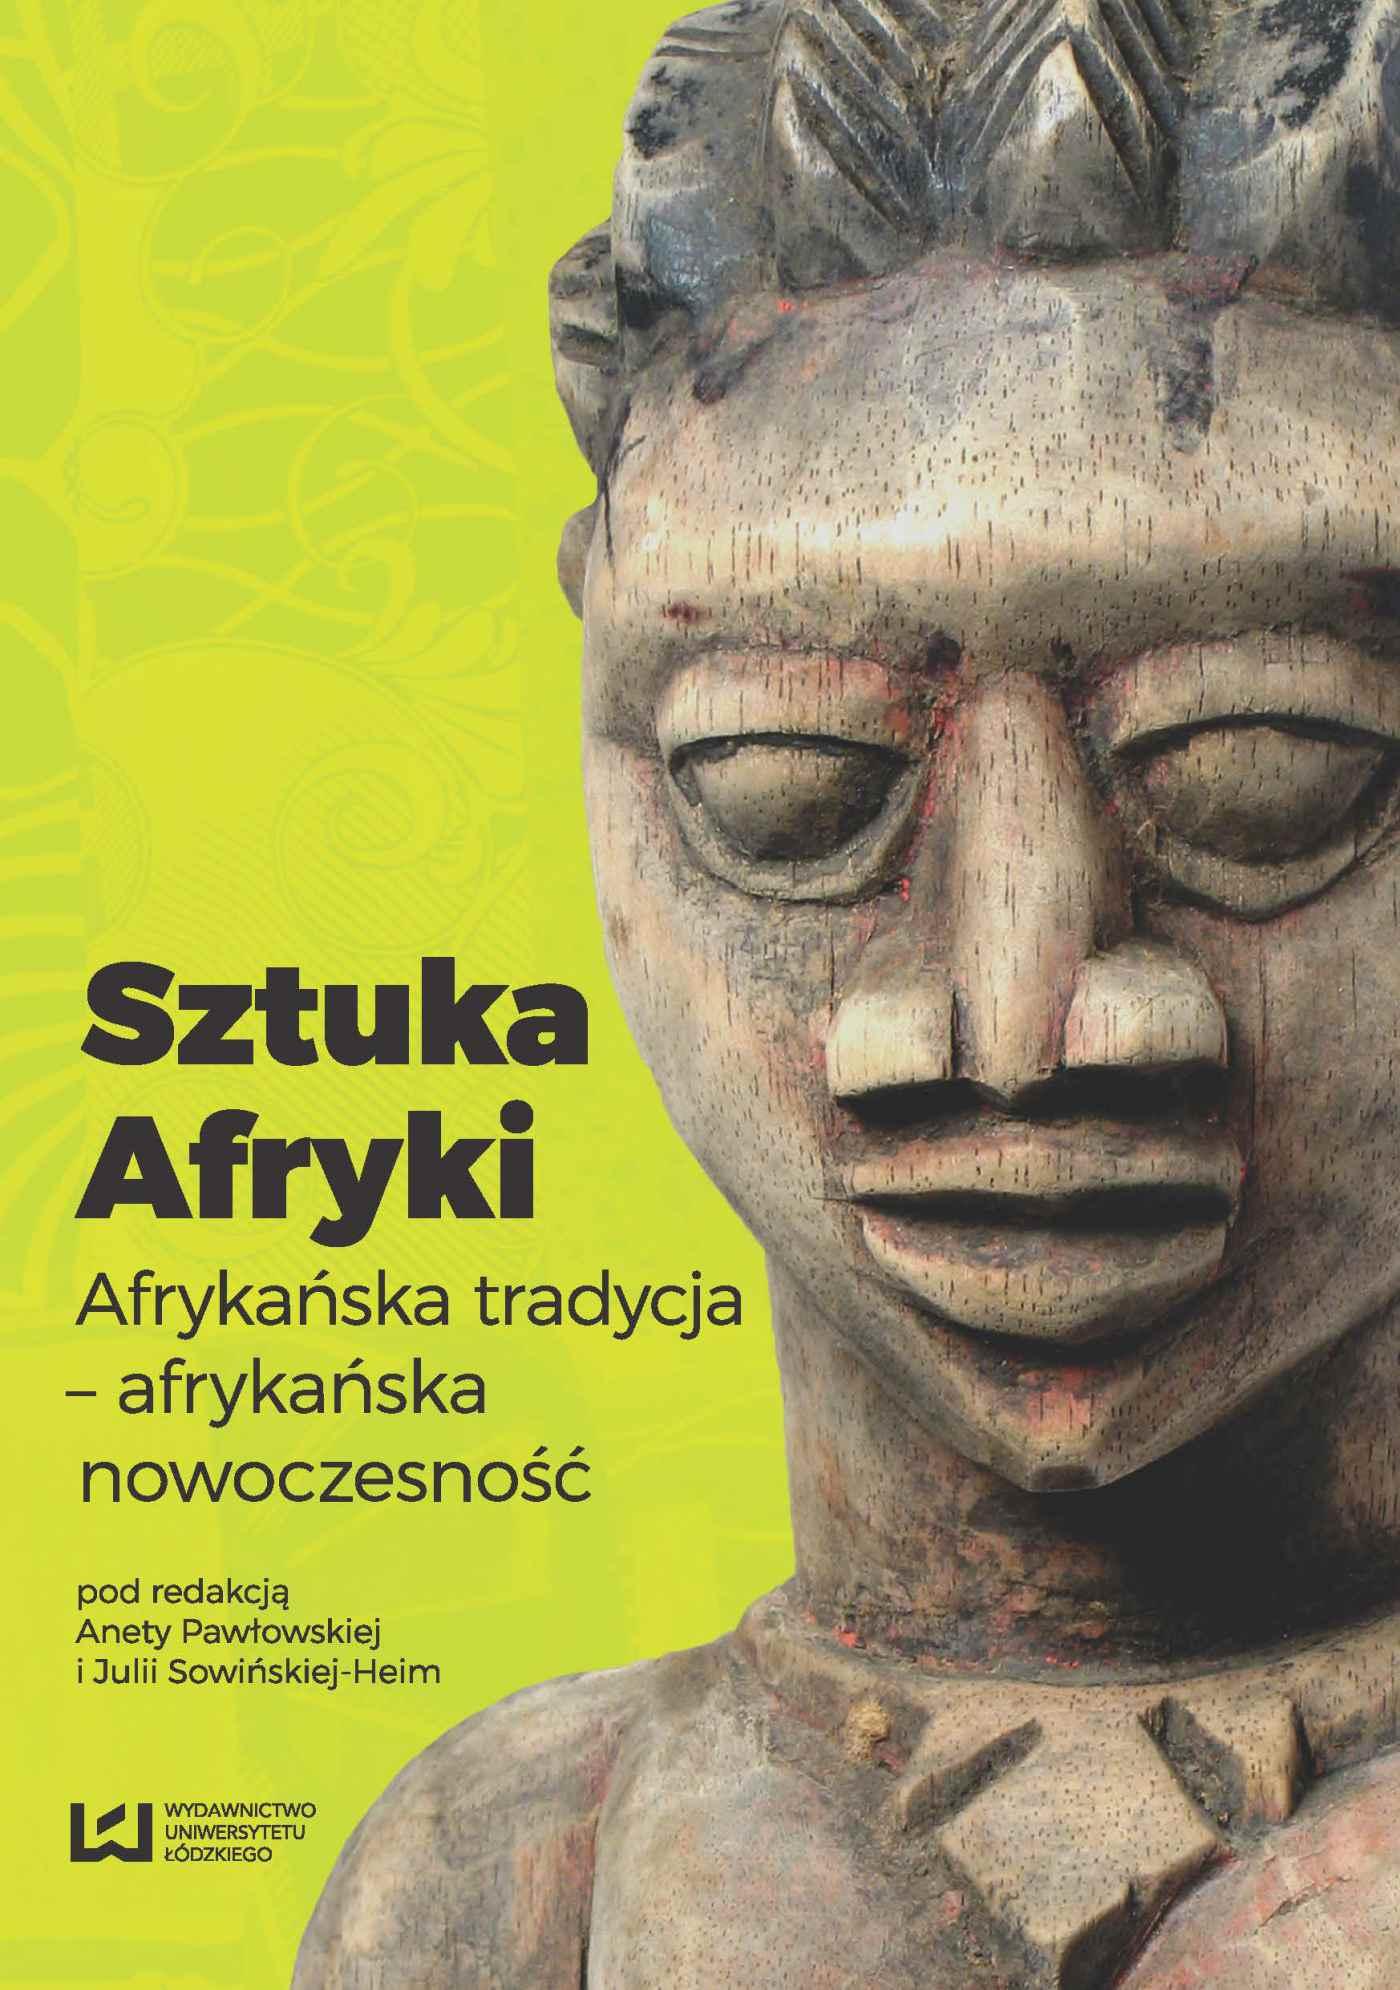 Sztuka Afryki. Afrykańska tradycja - afrykańska nowoczesność - Ebook (Książka EPUB) do pobrania w formacie EPUB